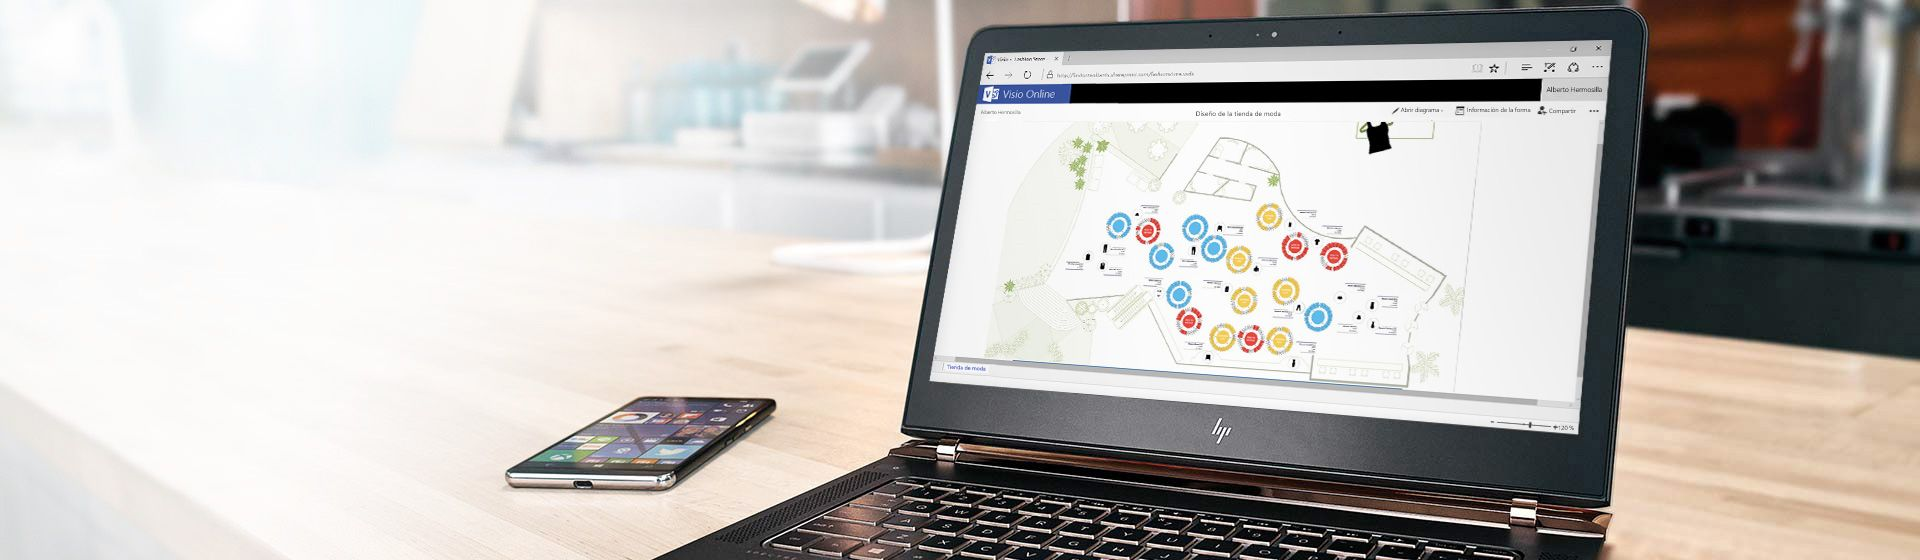 Un teléfono en una mesa junto a un portátil en el que se muestra un diagrama en Visio Online